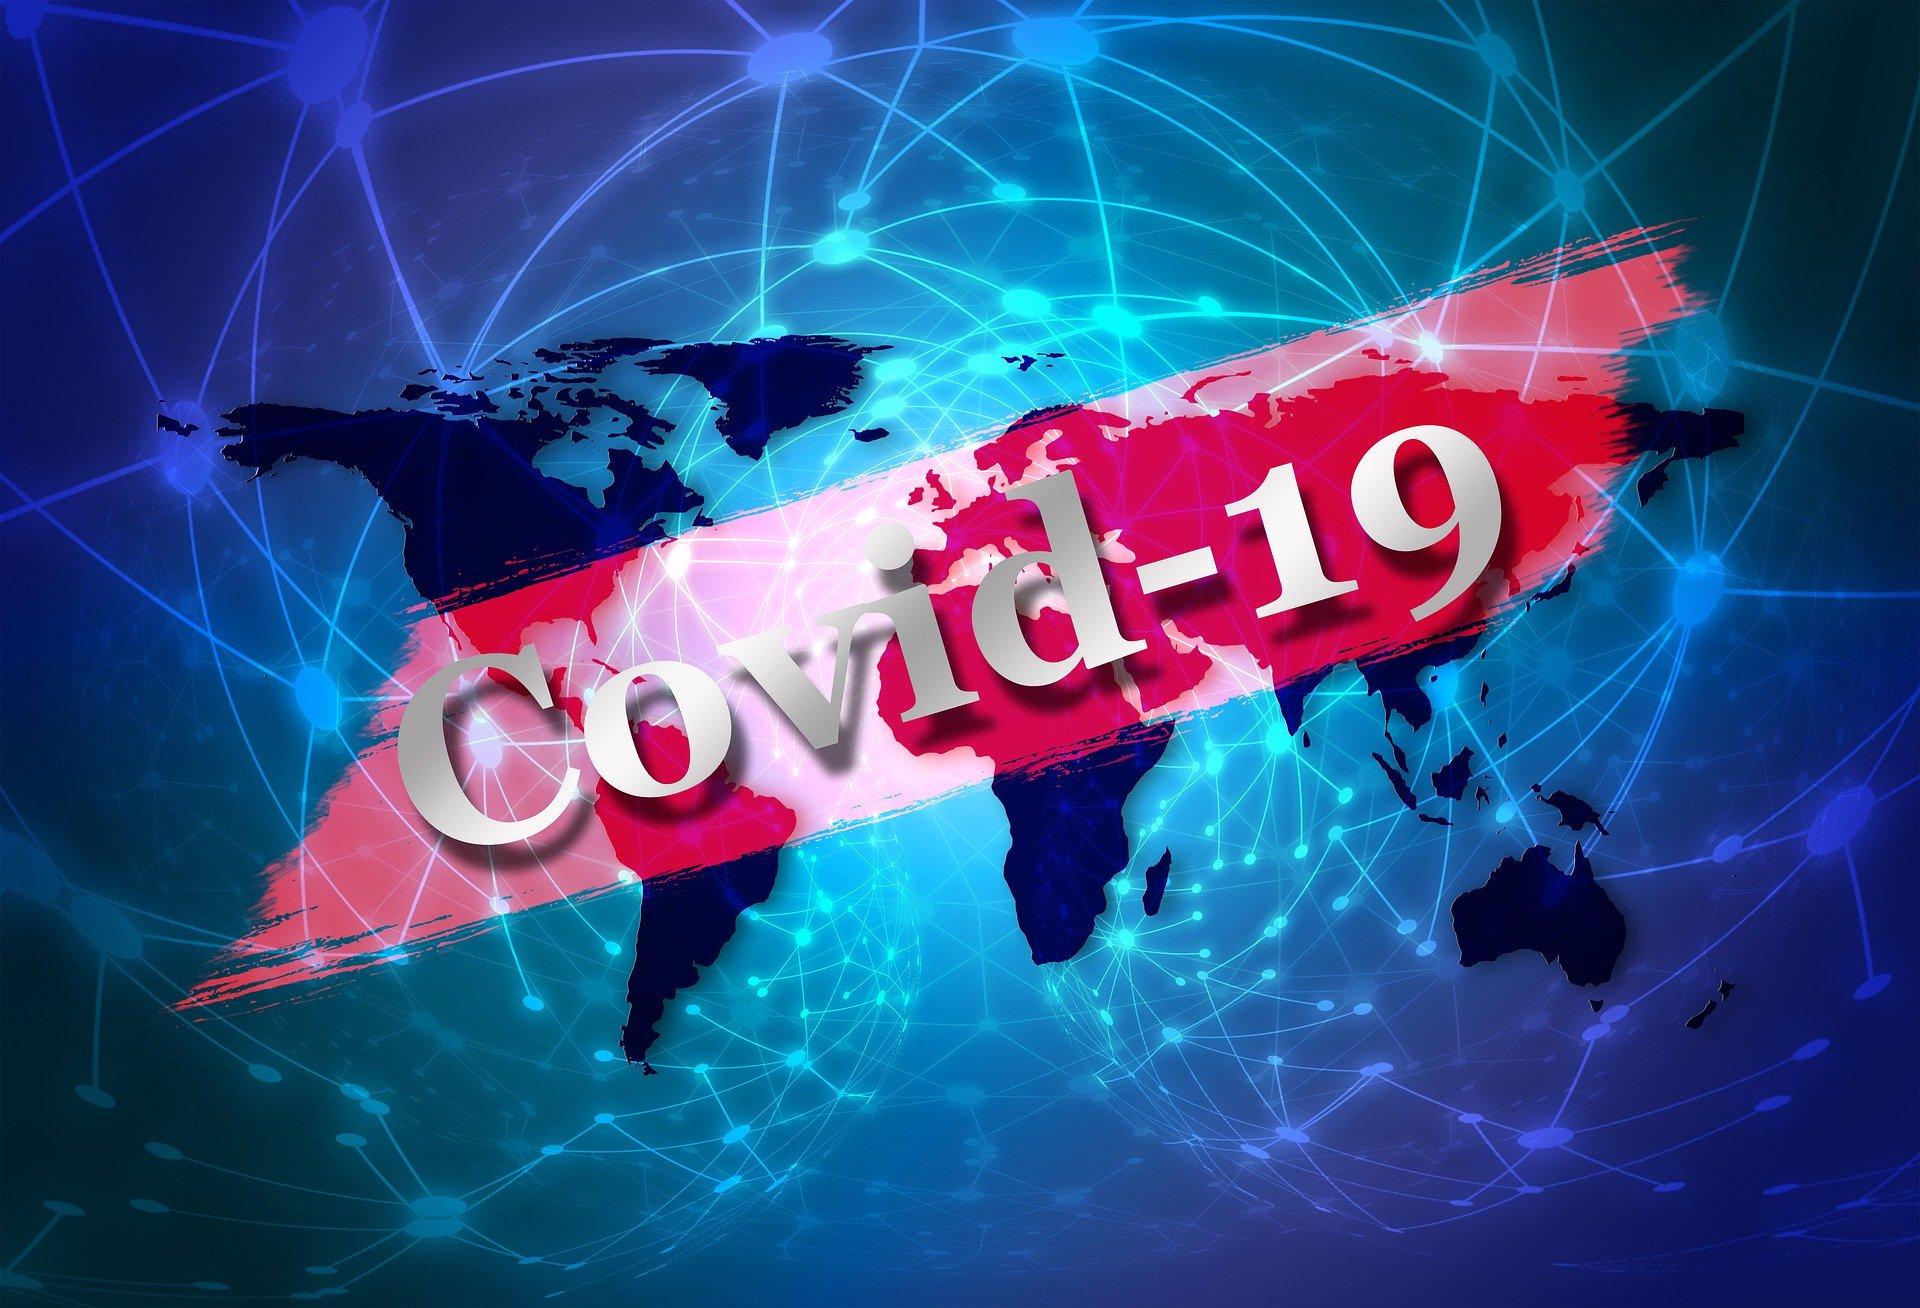 Informationen zu Corona in vielen Sprachen